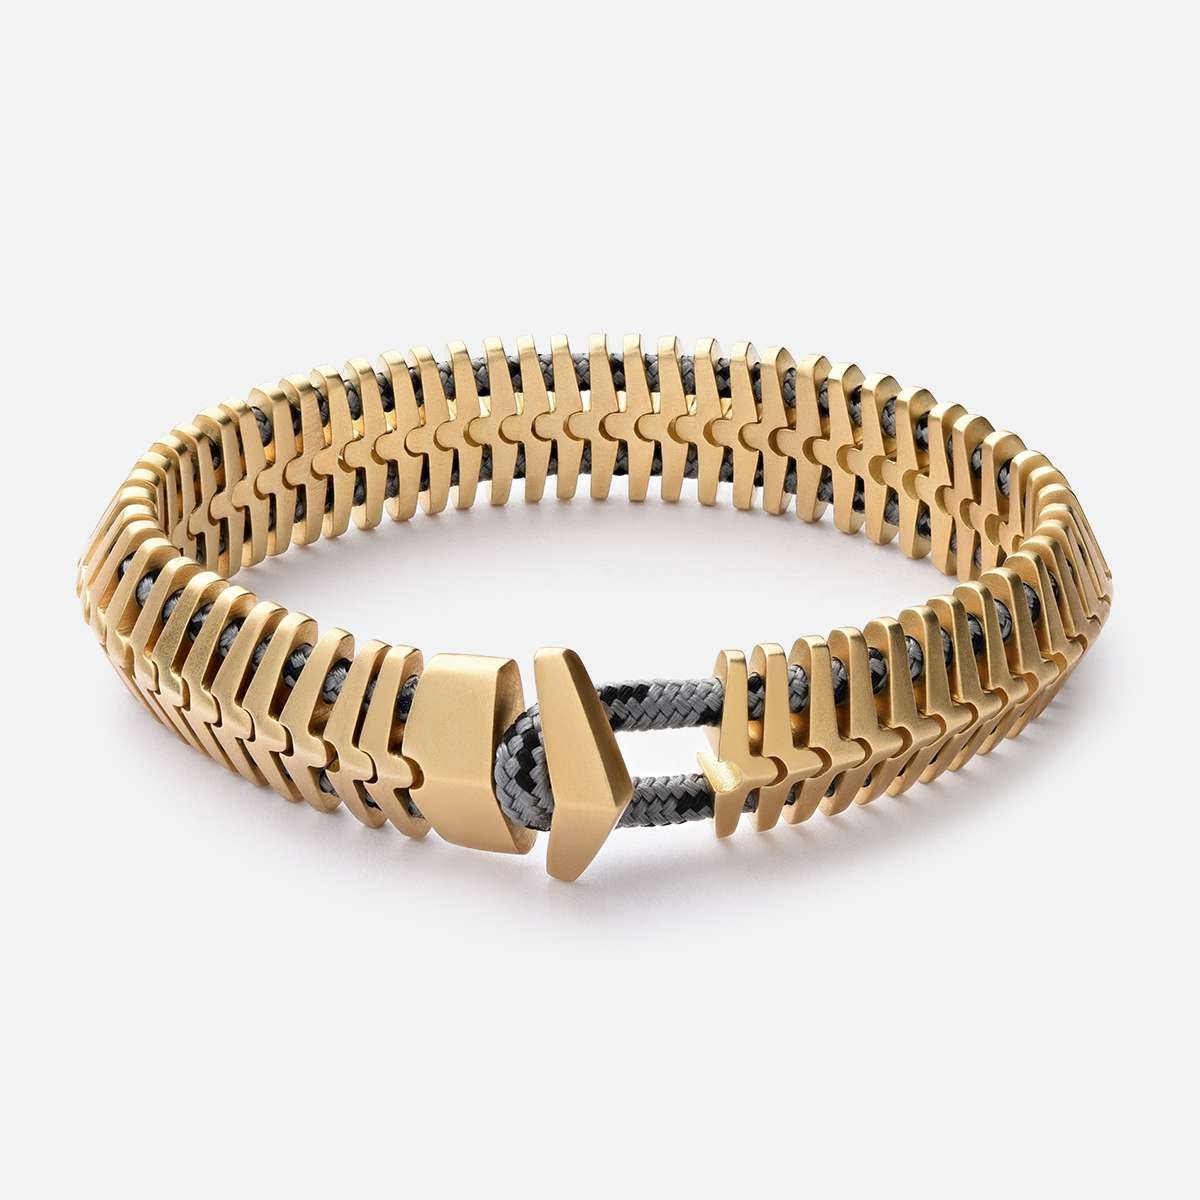 Klink bracelet brass bracelets menus miansai menus bracelts